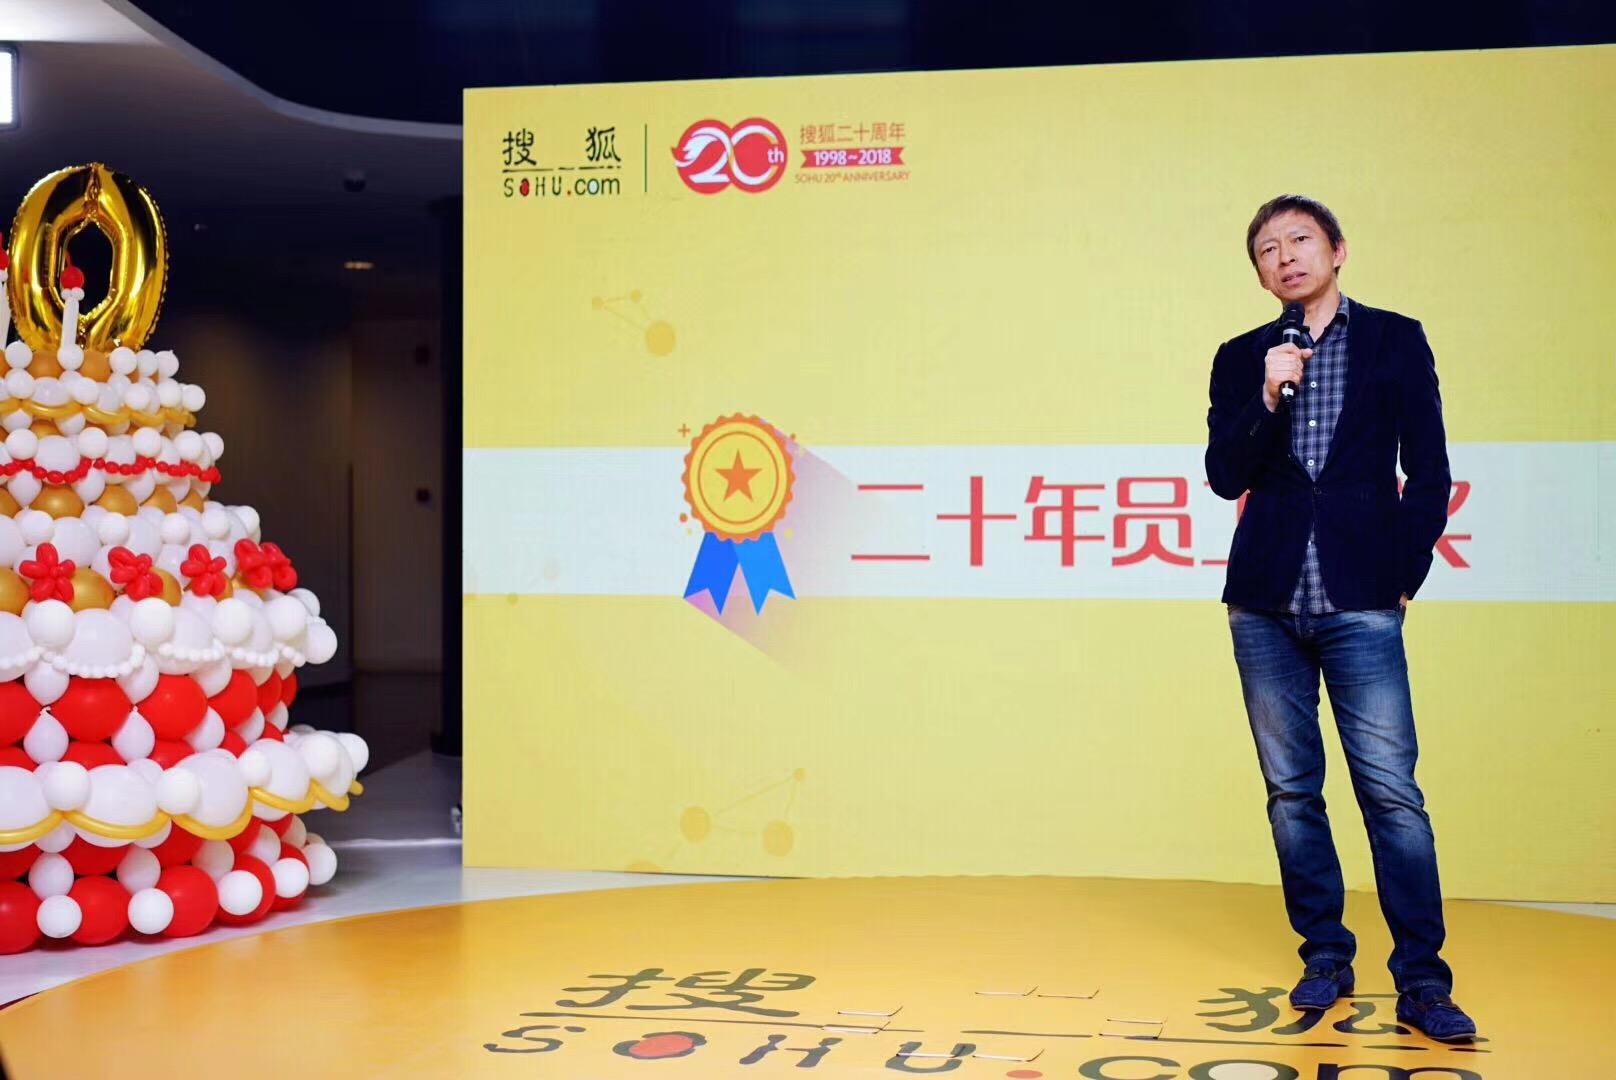 专访张朝阳:三年重回互联网舞台中心,承诺依然有效